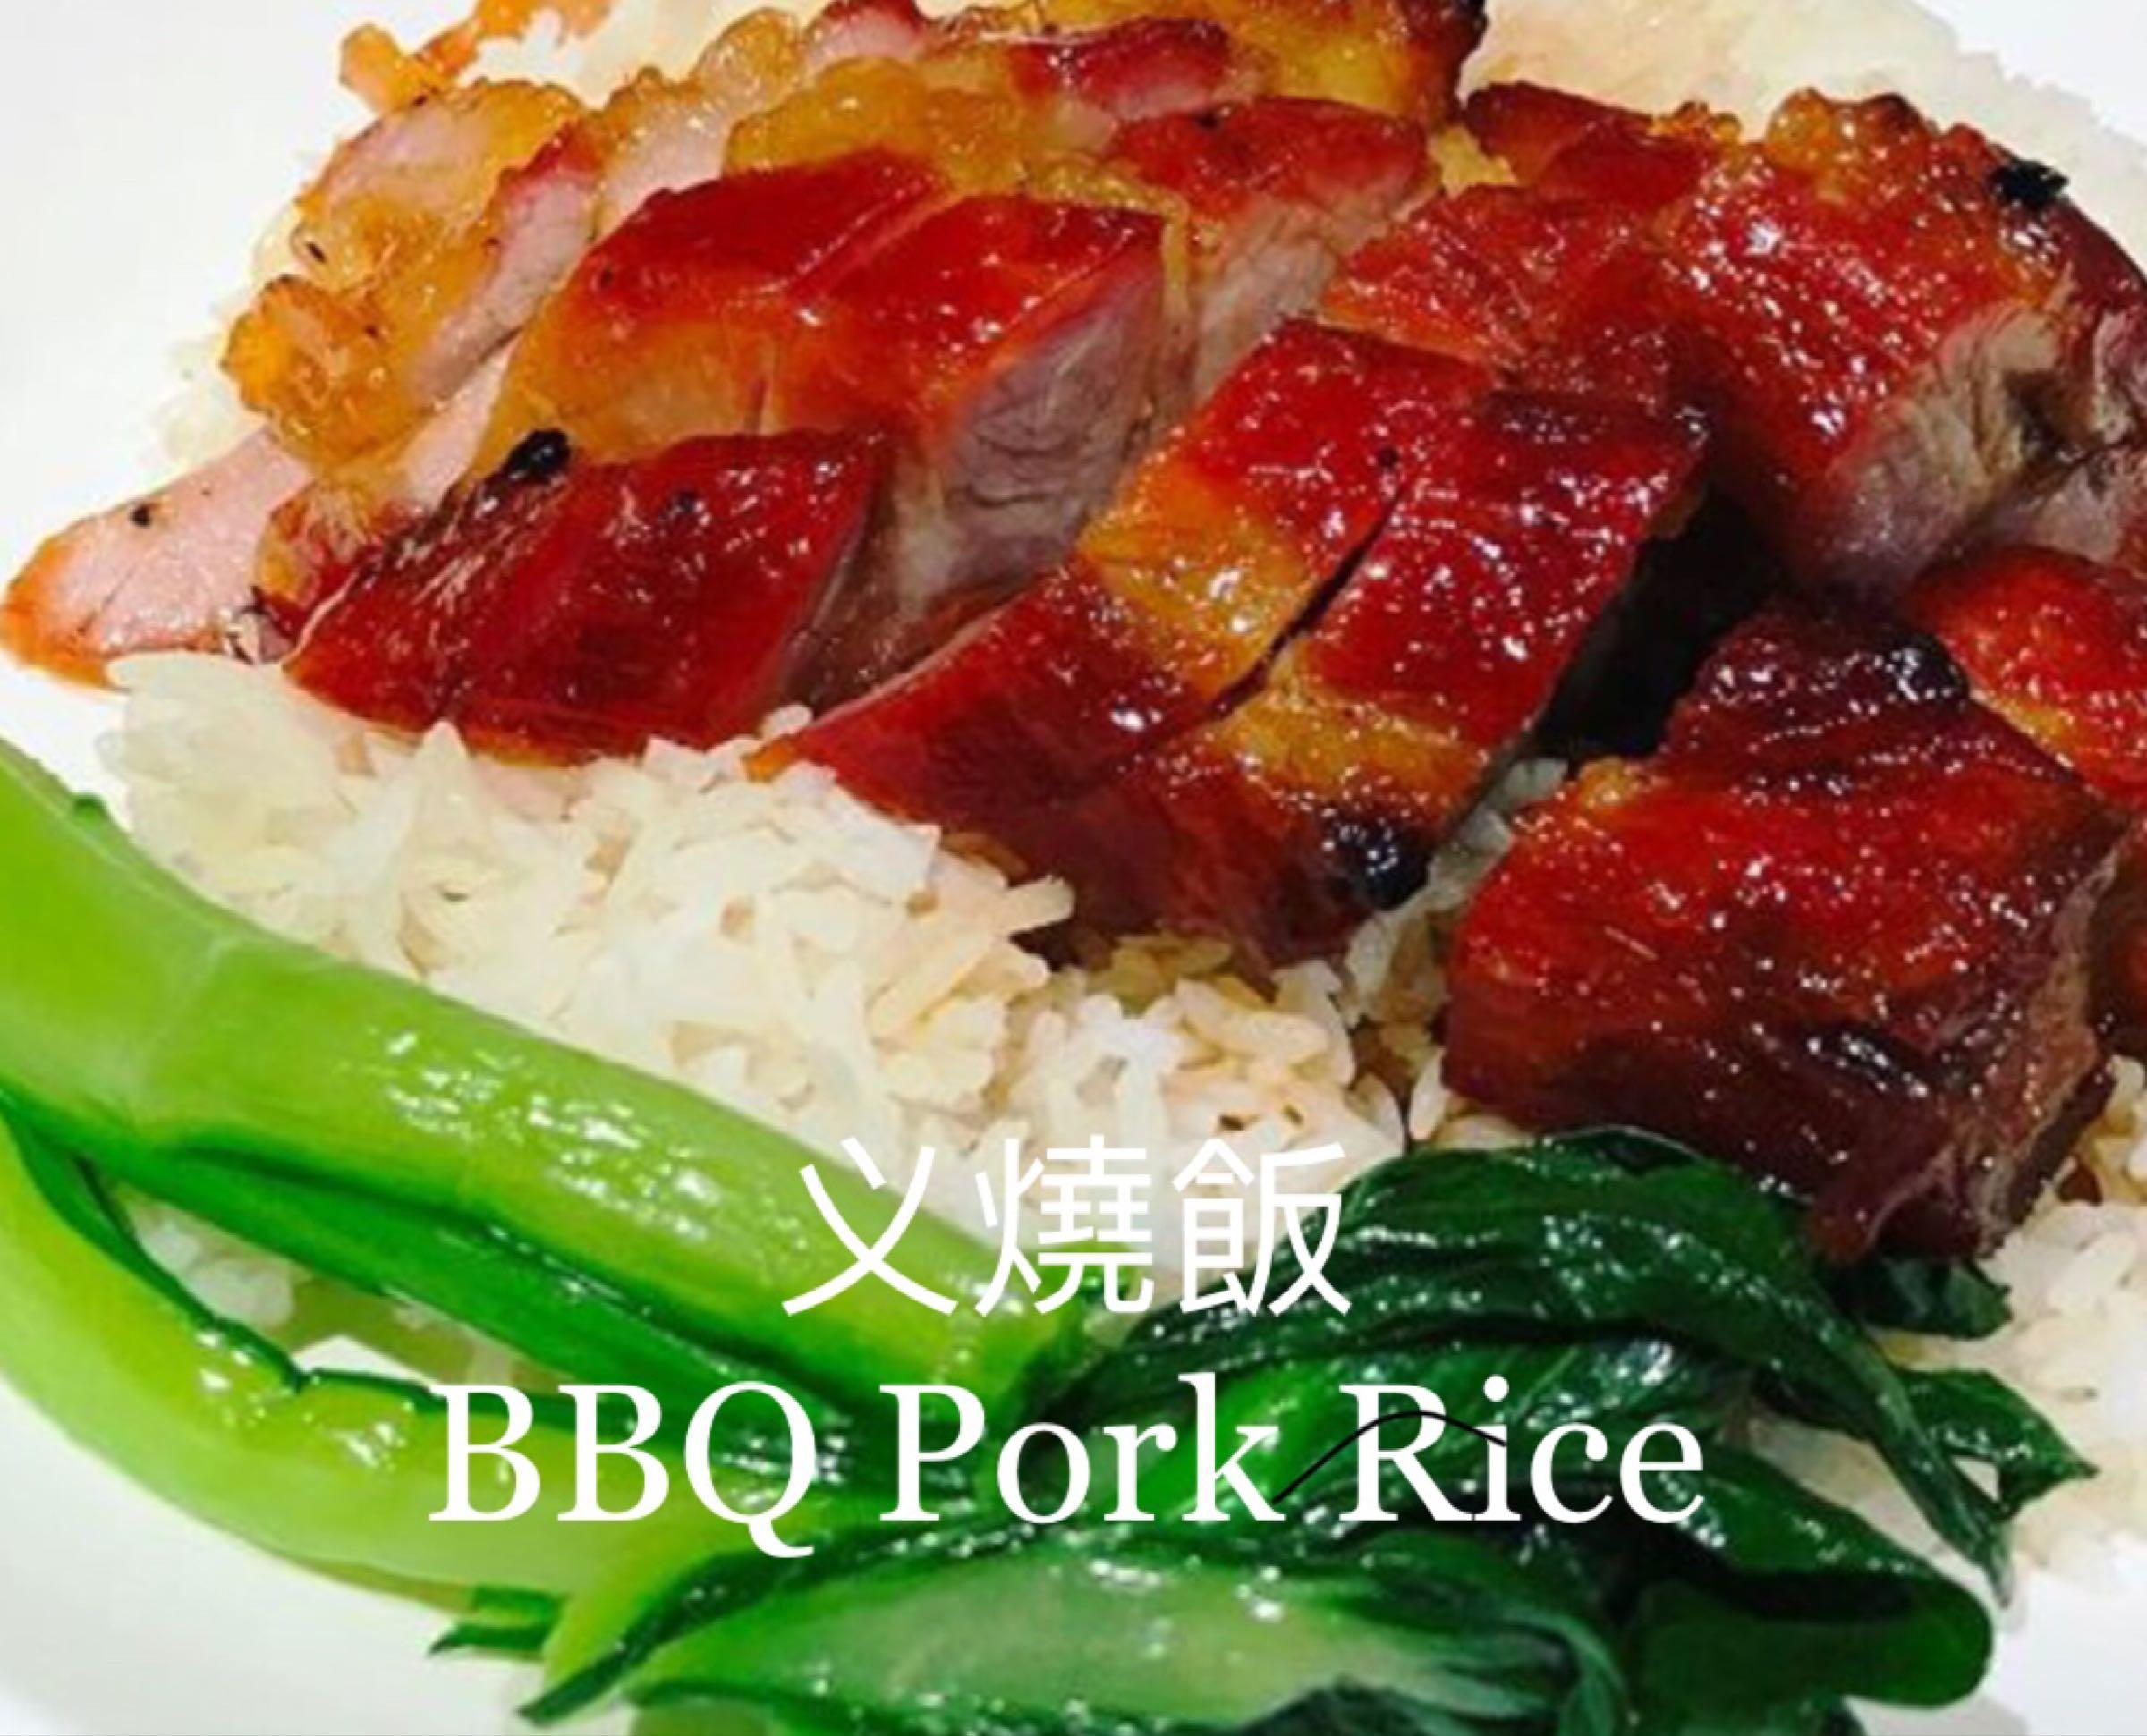 叉燒飯 BBQ Pork Rice